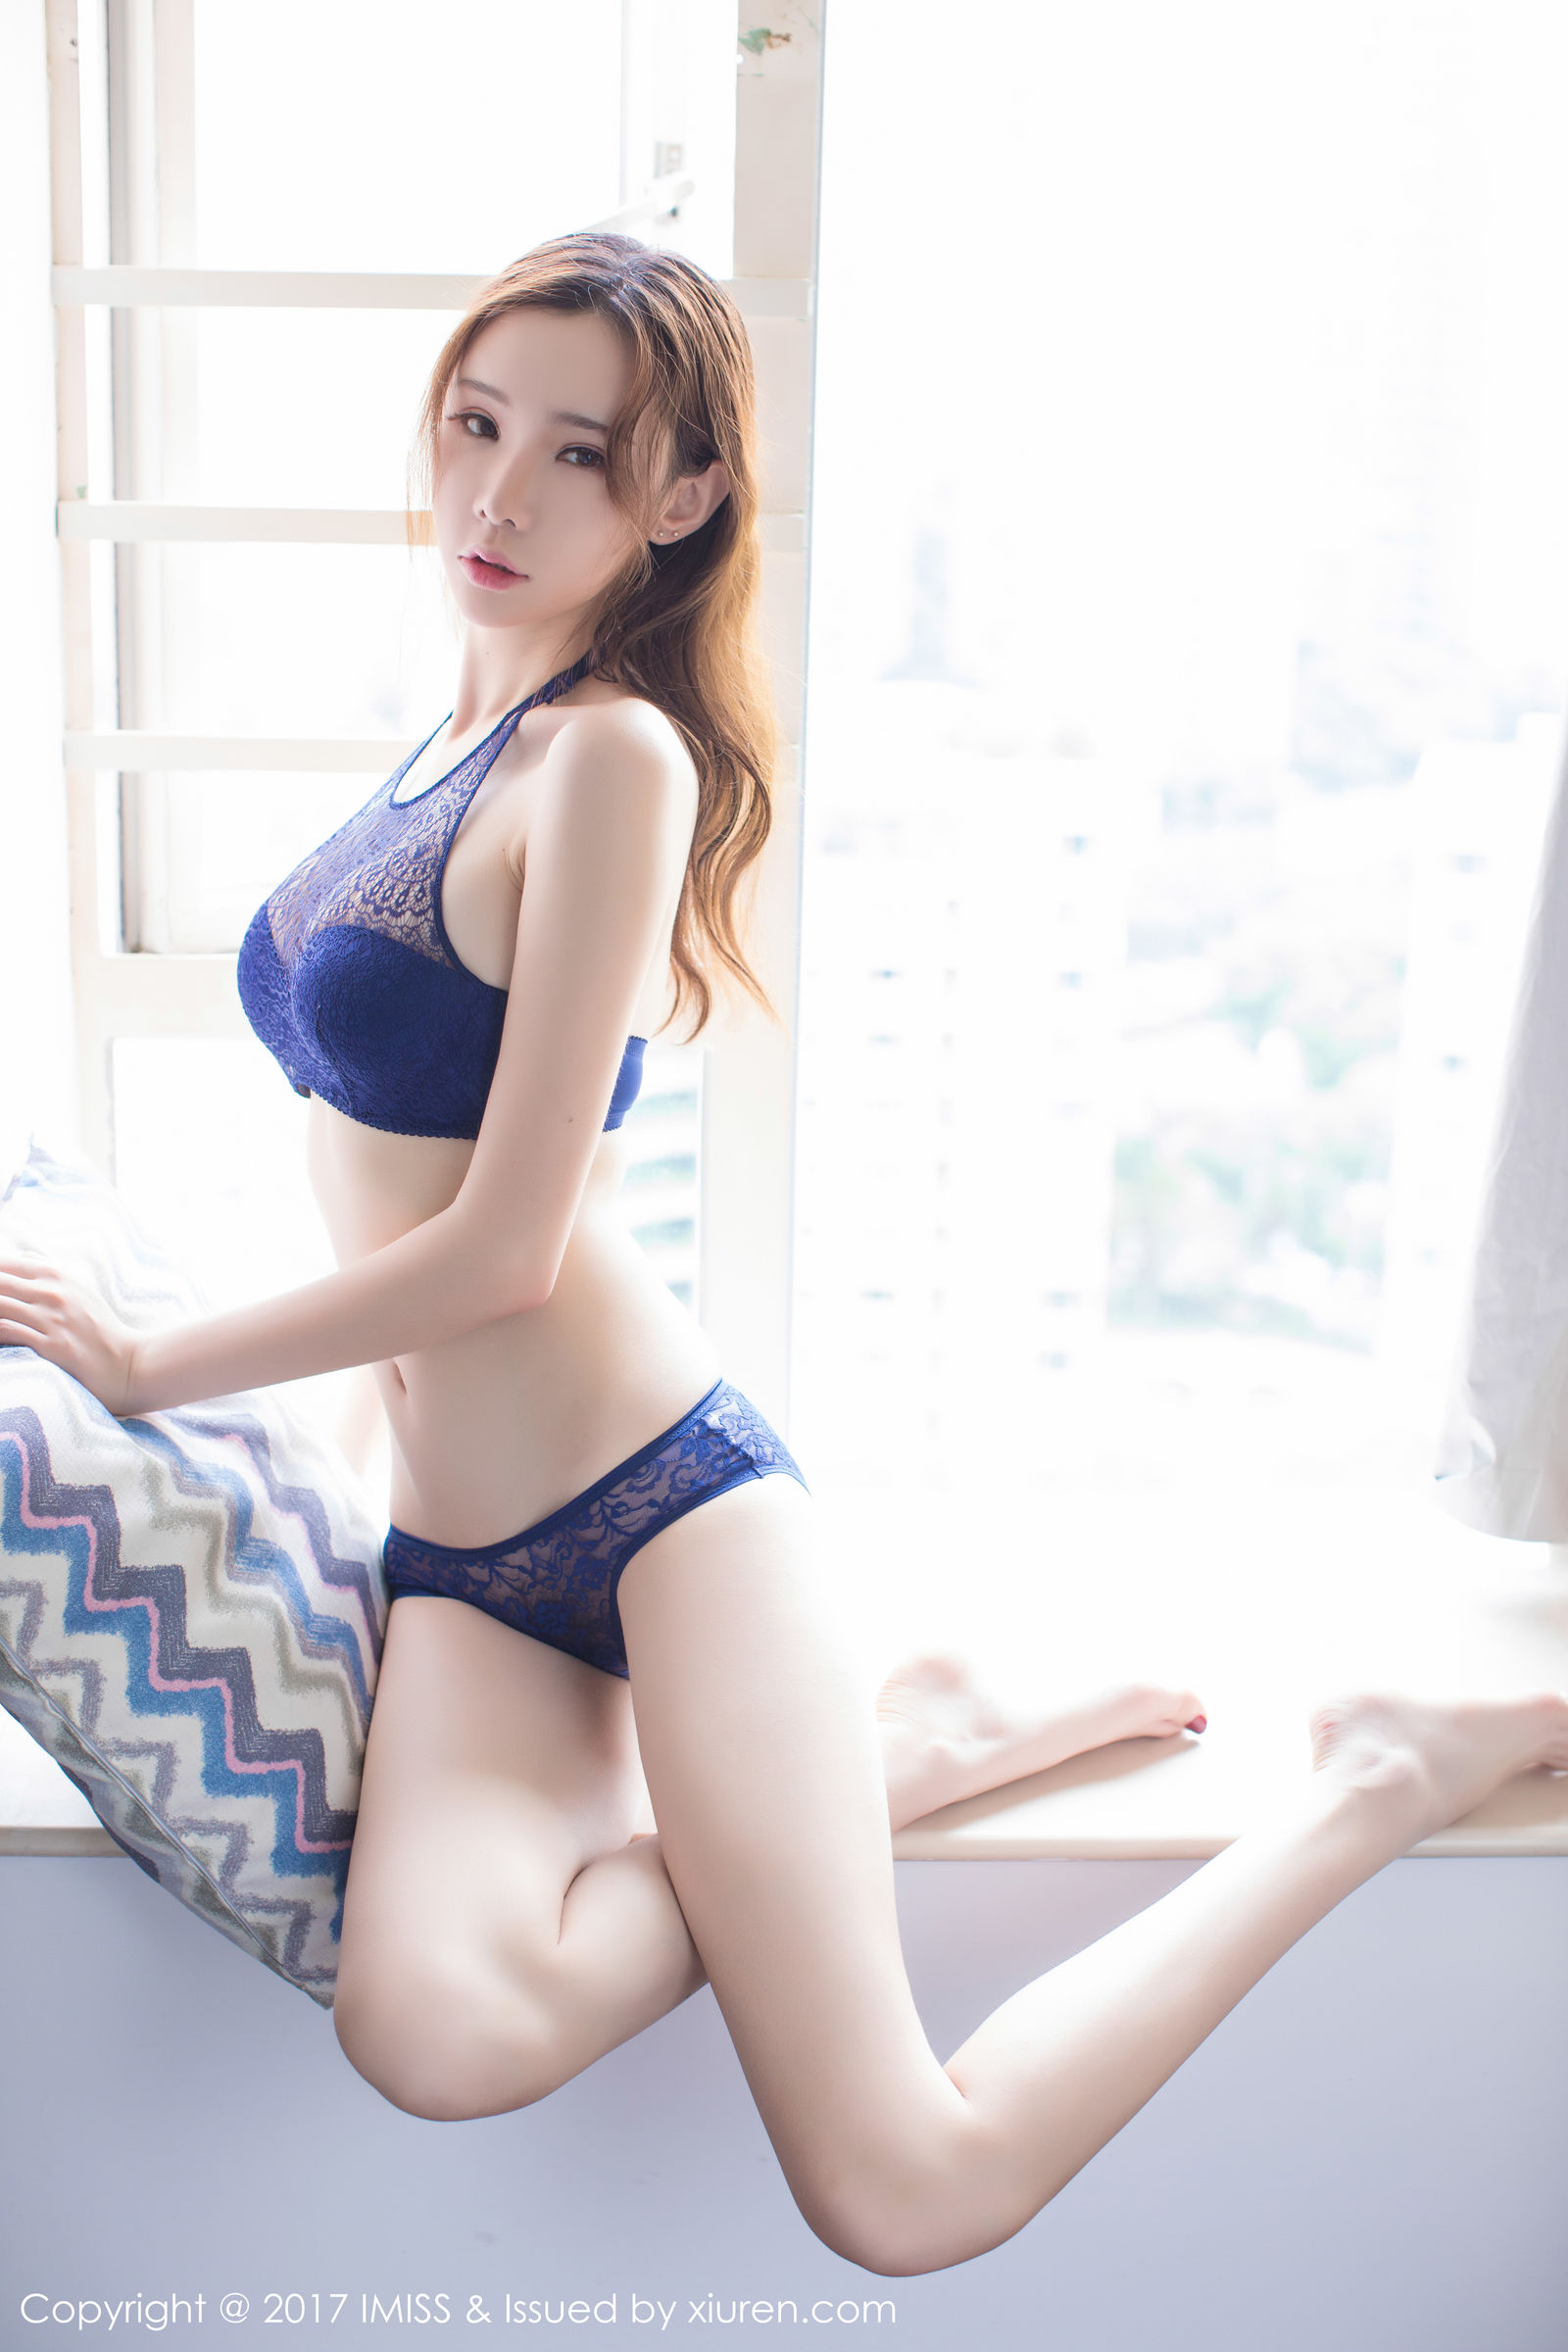 萌琪琪Irene - 粉色睡衣+蕾丝内衣写真~